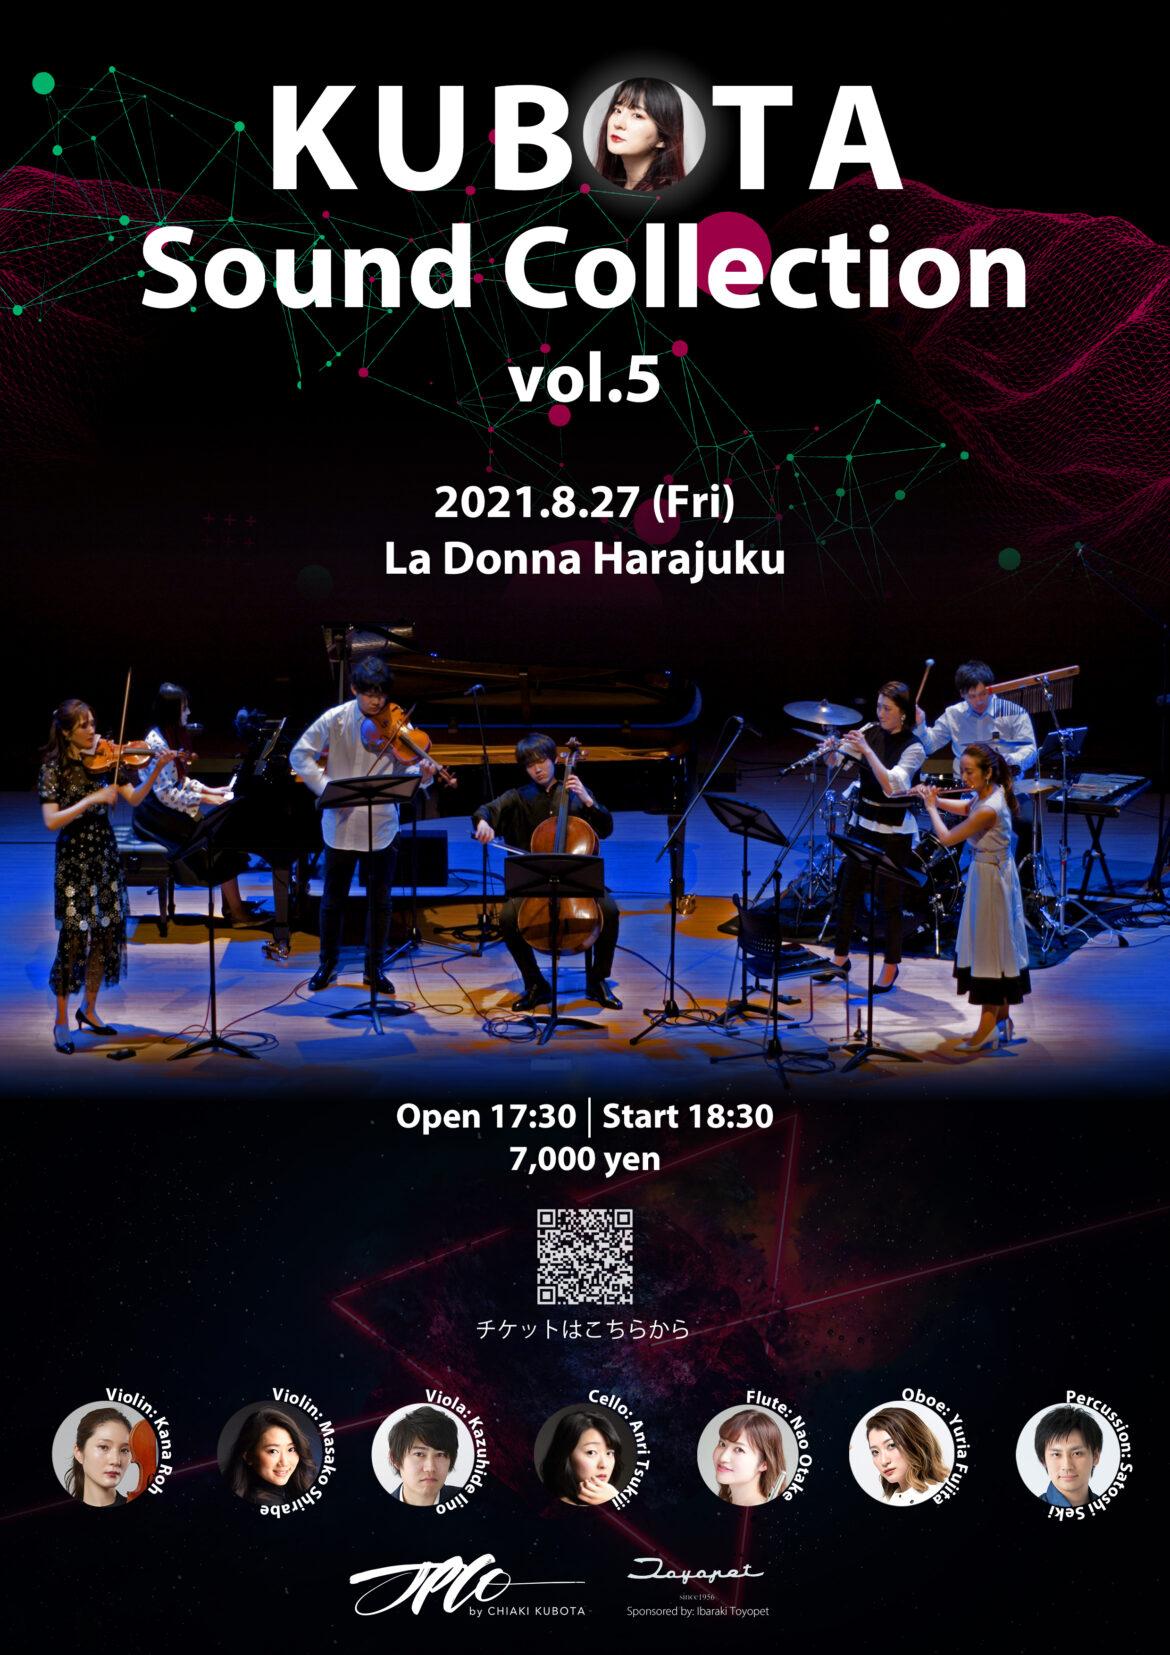 2021.8.27 久保田サウンドコレクション vol.5